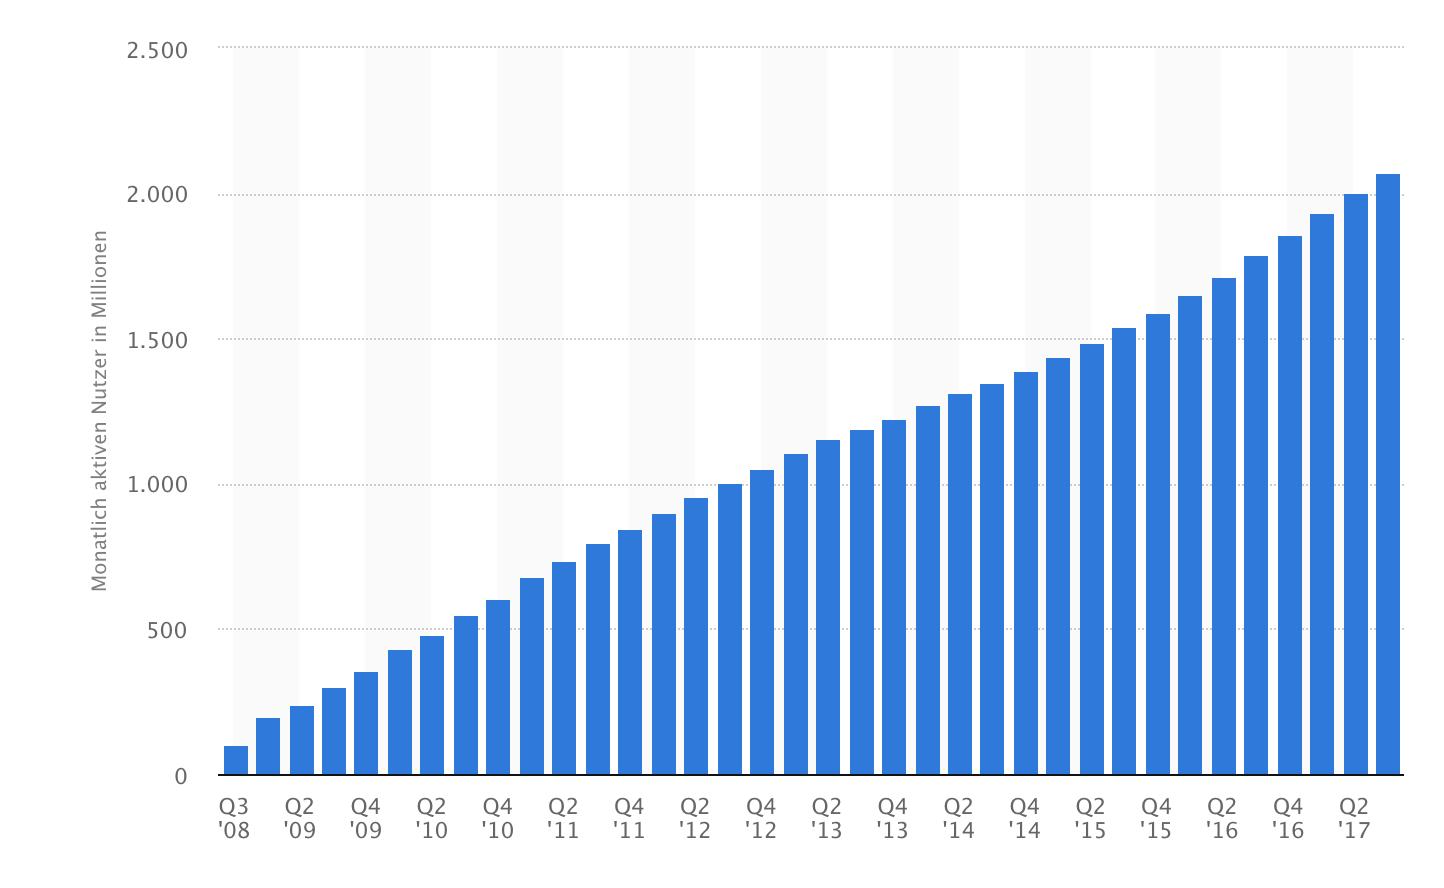 Anzahl der monatlich aktiven Facebook Nutzer weltweit vom 3. Quartal 2008 bis zum 3. Quartal 2017 (in Millionen), © Statista 2017